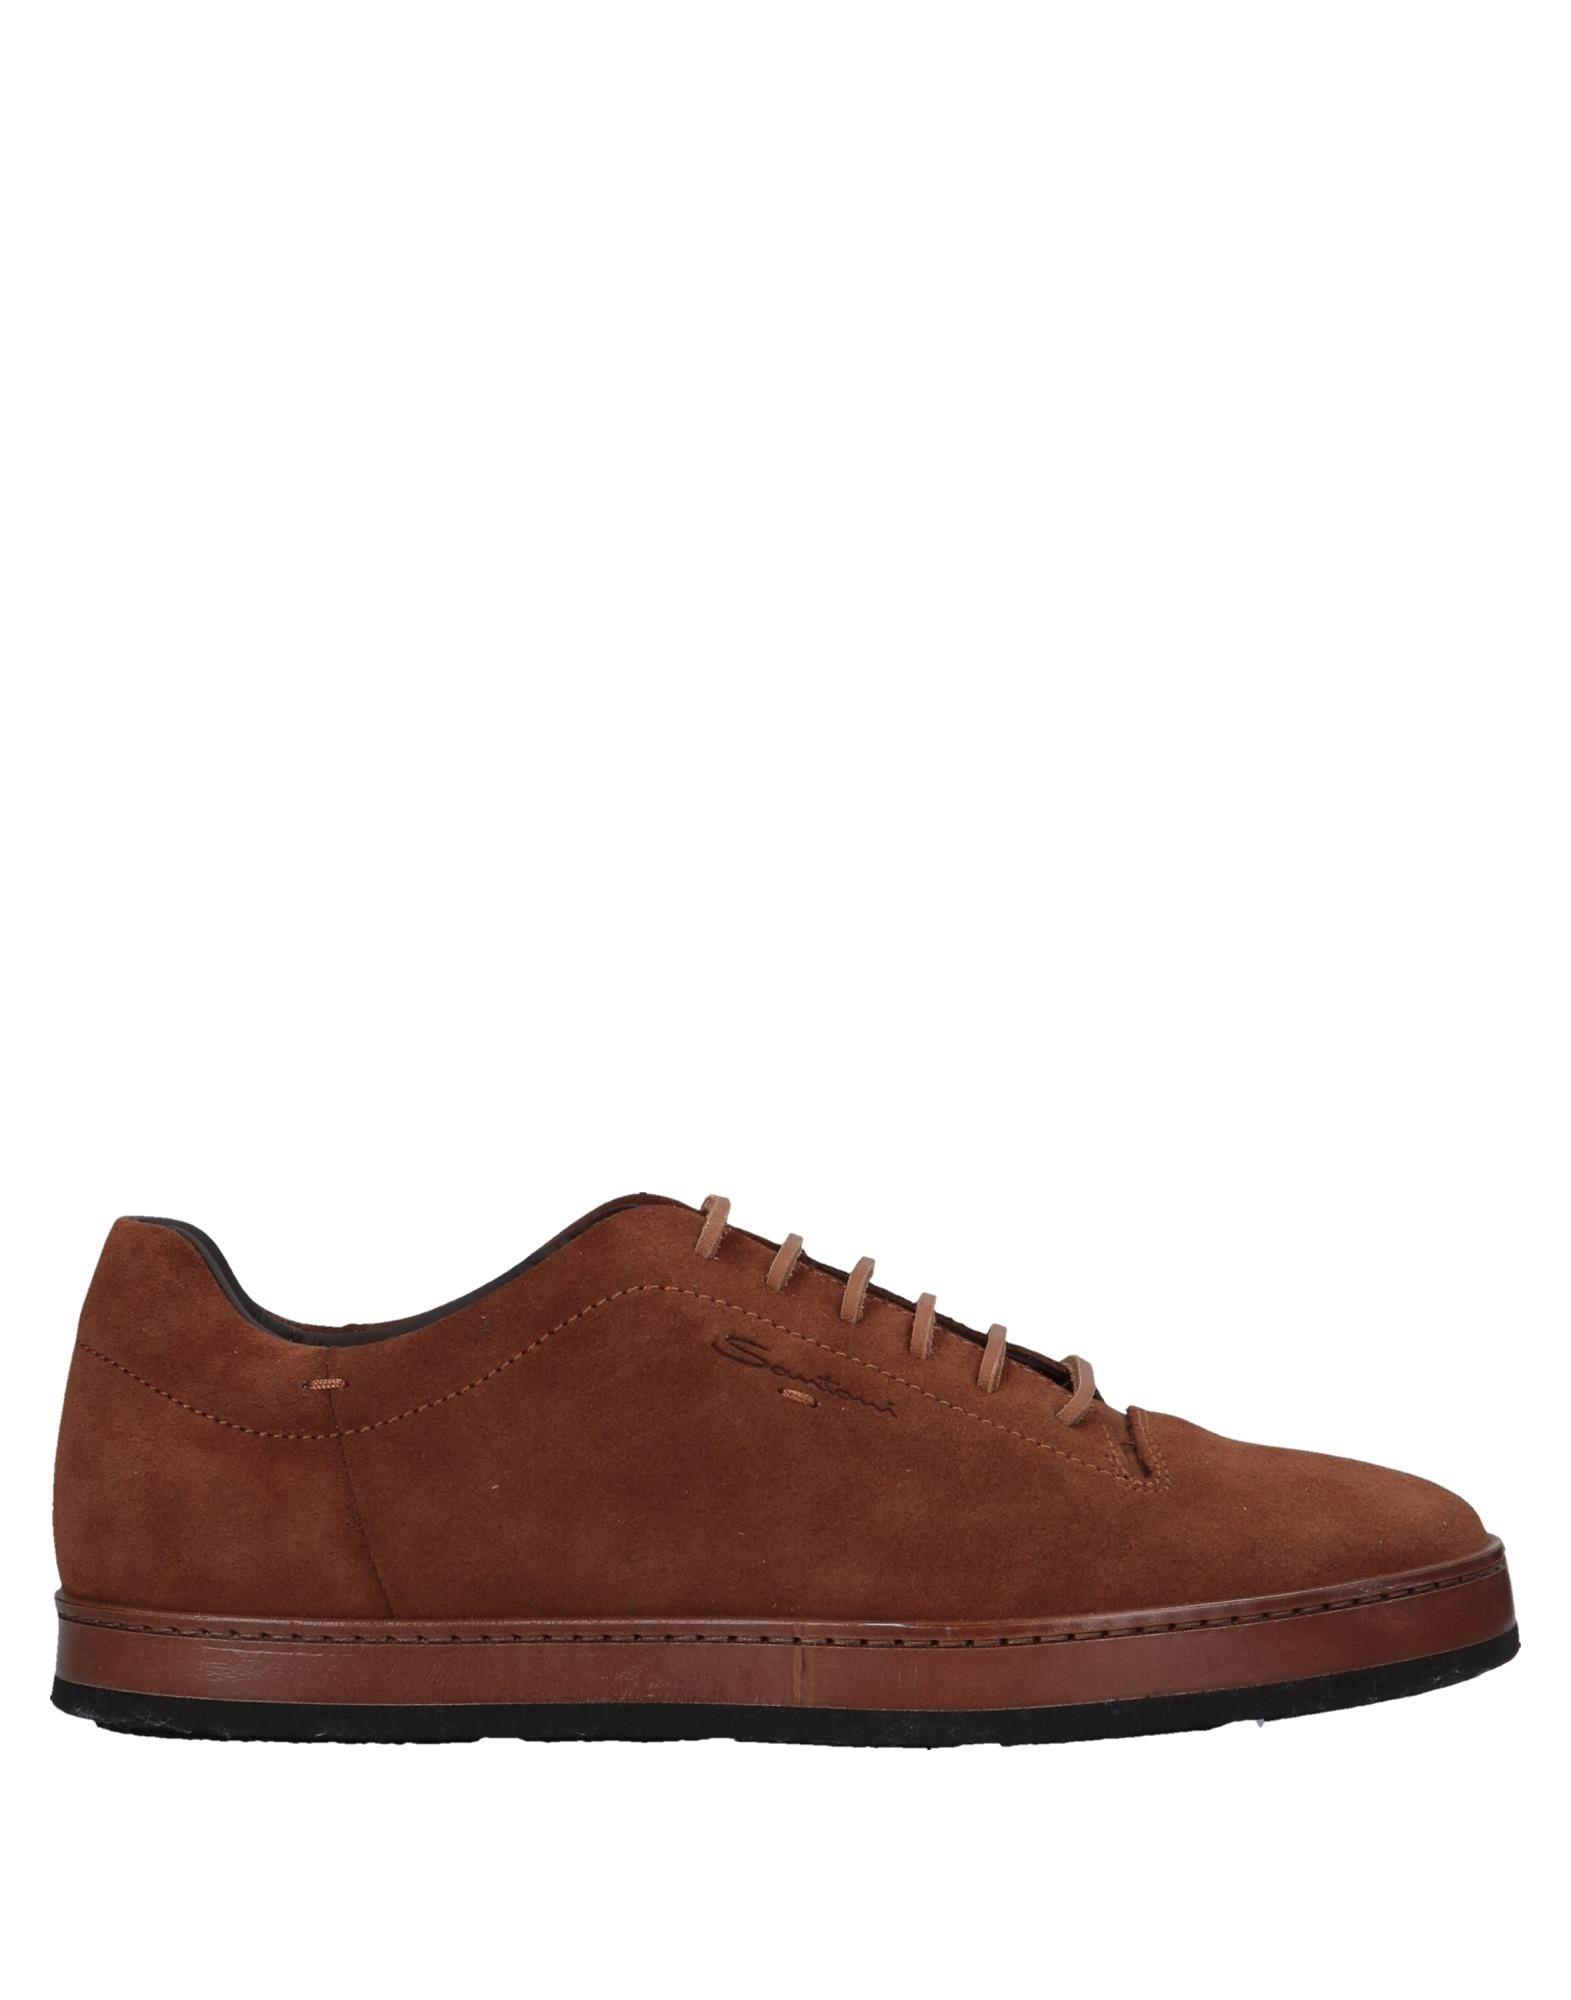 Scarpe economiche e resistenti Sneakers Santoni Uomo - 11541304ES